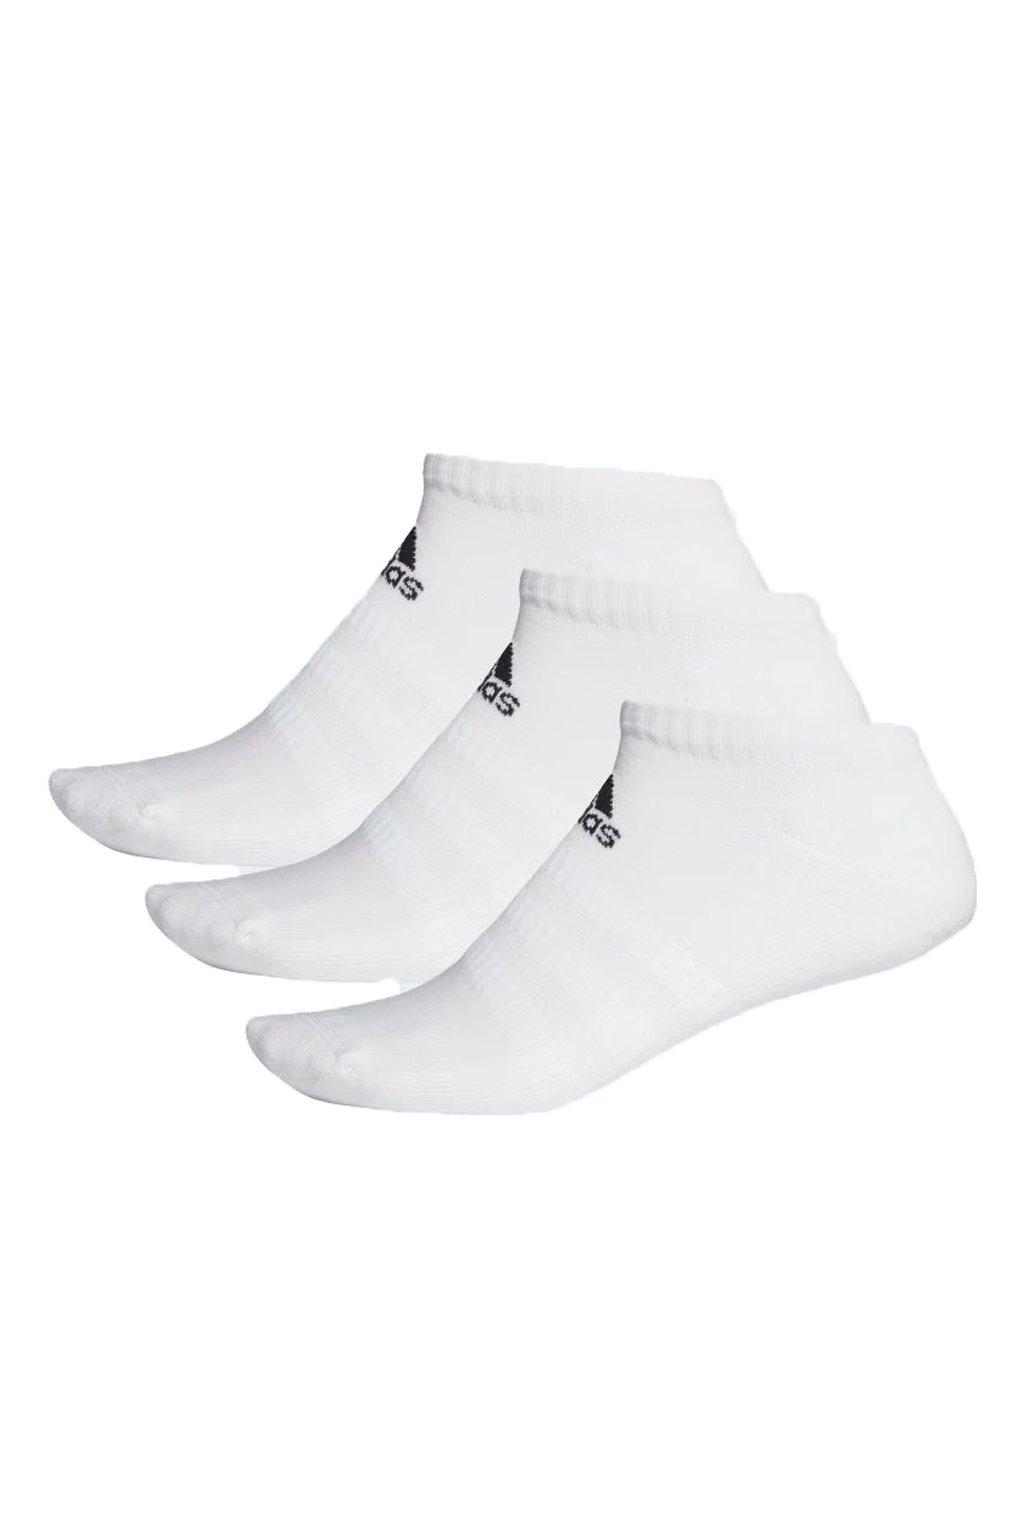 Ponožky Adidas Cushlined Low 3PP biele DZ9384